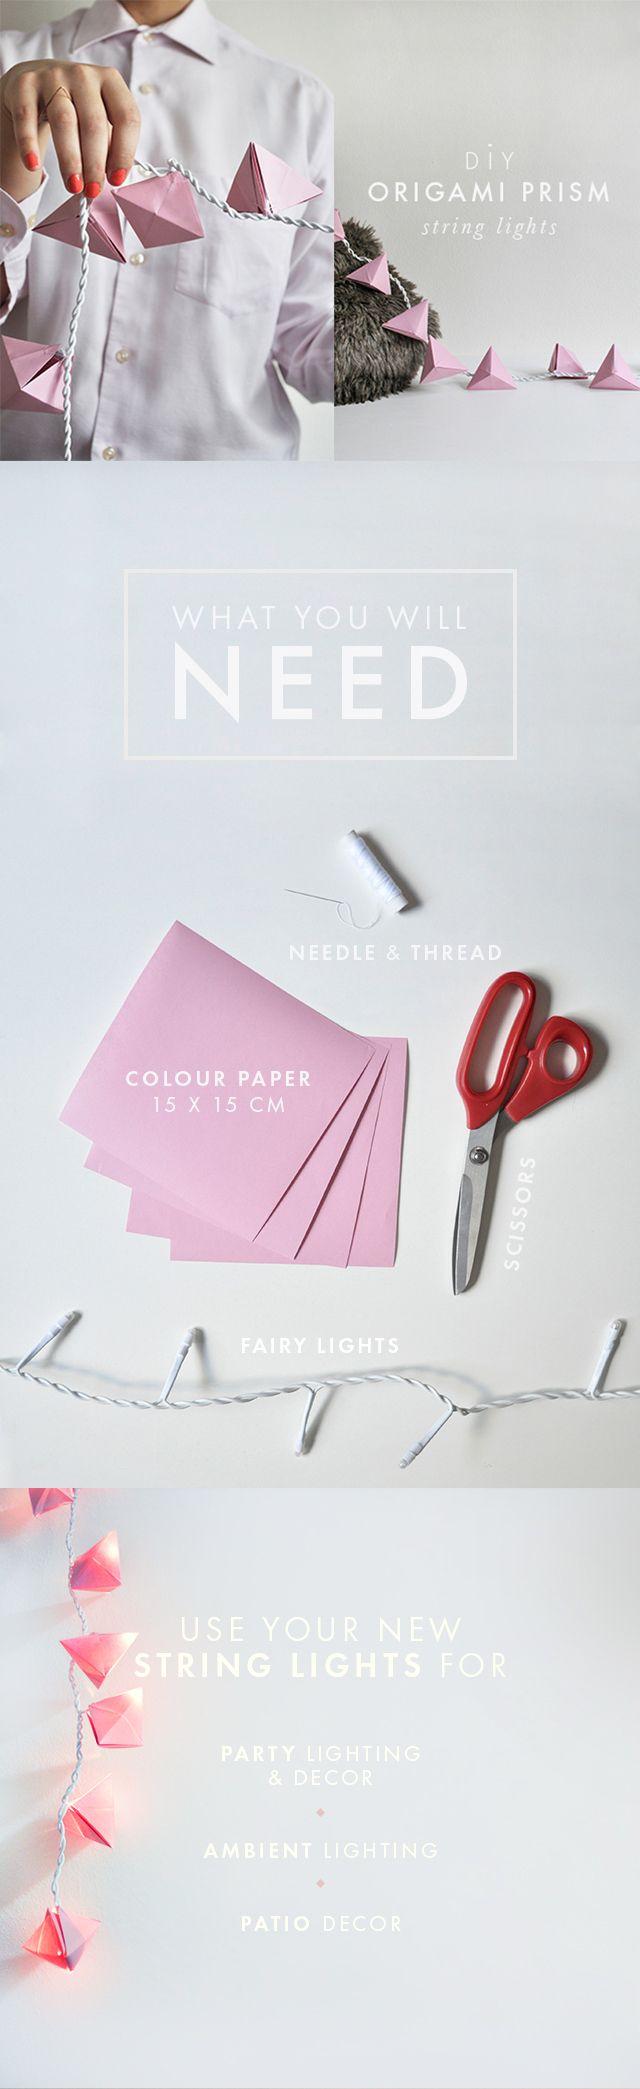 diy origami prism string lights n pady do domu pinterest origami bricolage et guirlande. Black Bedroom Furniture Sets. Home Design Ideas